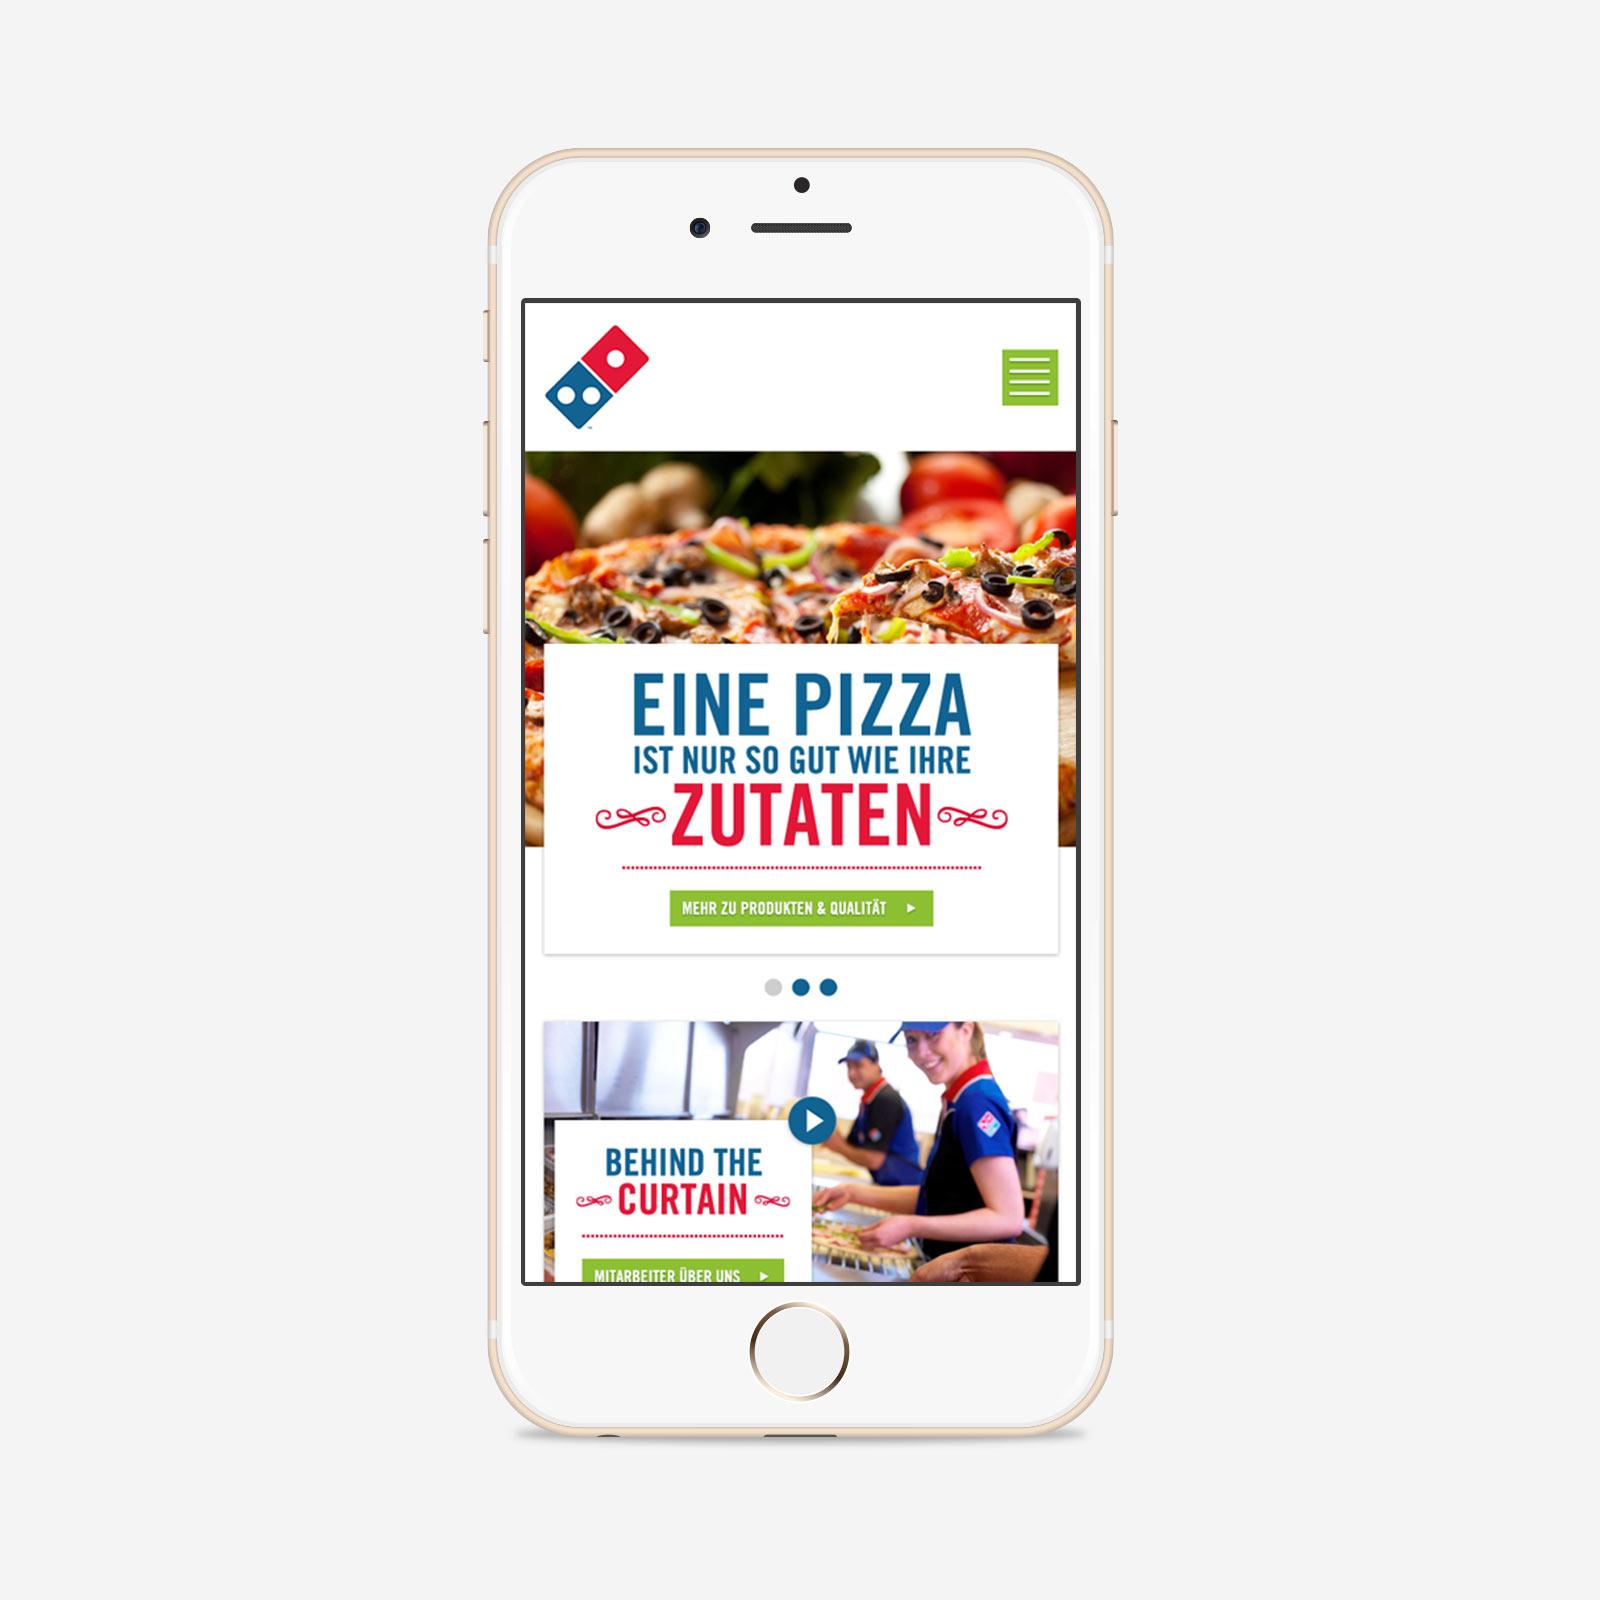 Domino's Pizza Unternehmensauftritt